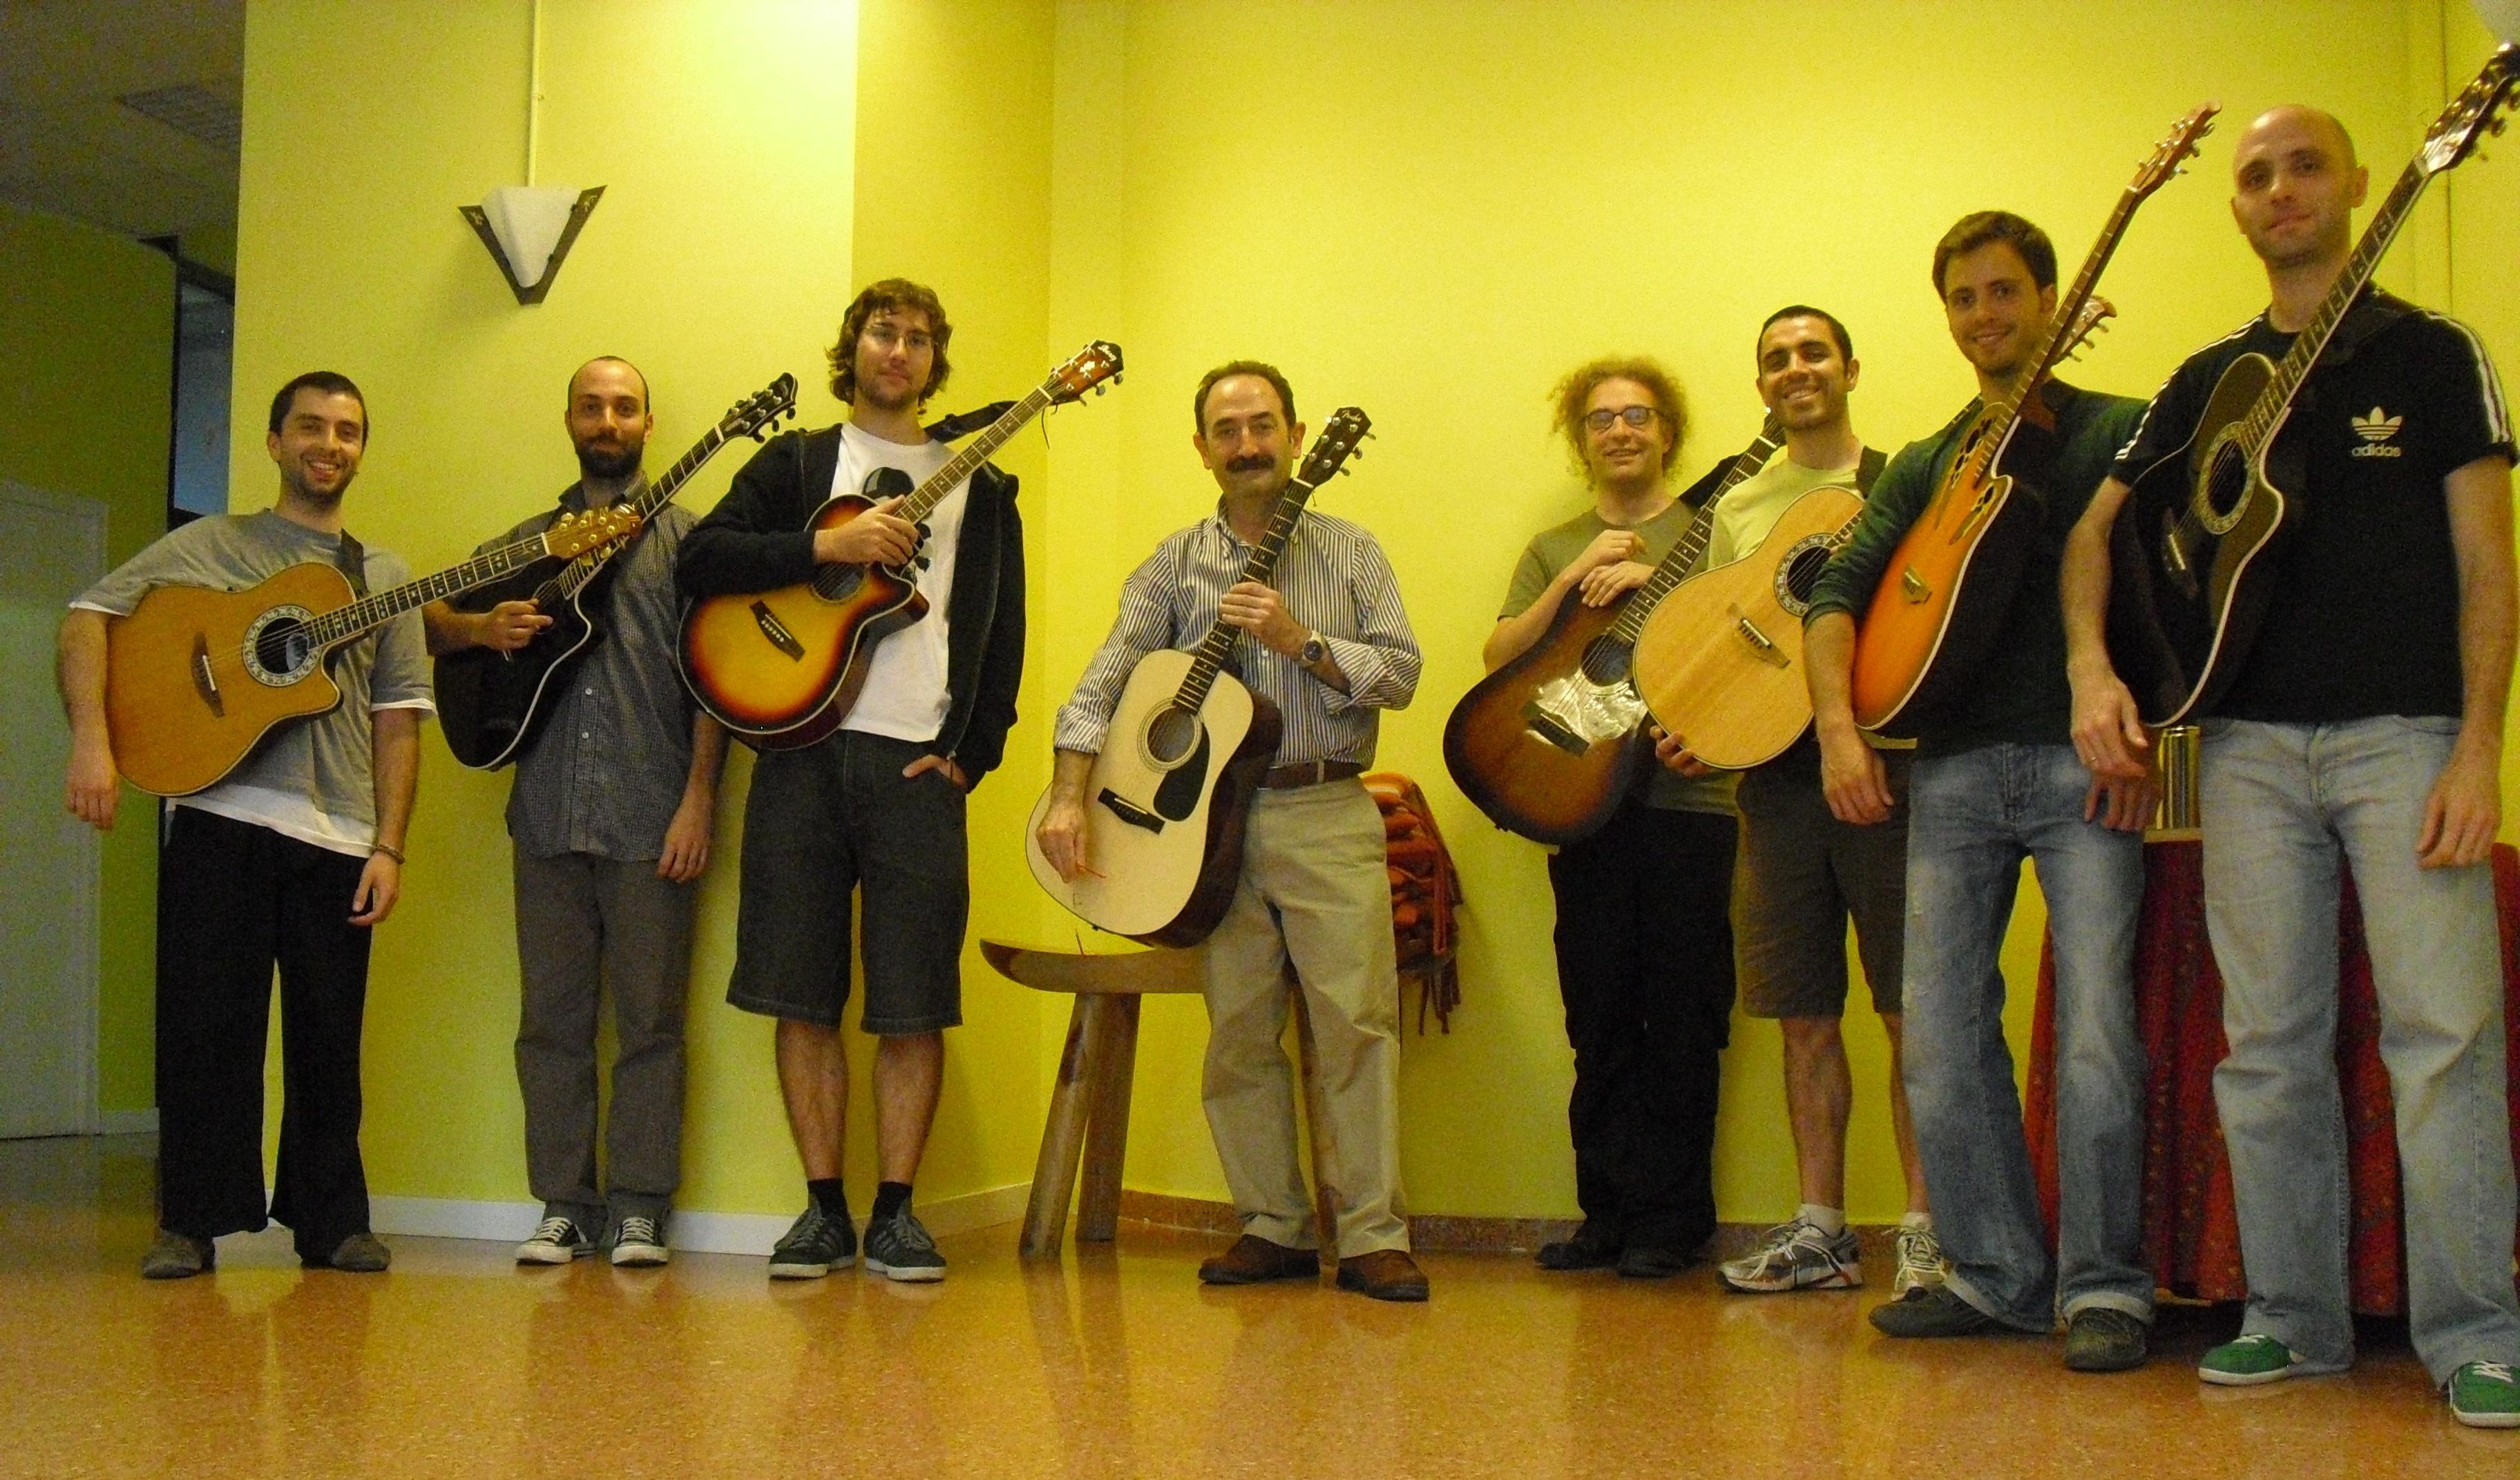 Clases de Guitarra Online - Clases de Guitarra Barcelona - Foto Grupo NST - Clases de Guitarra en Barcelona Online